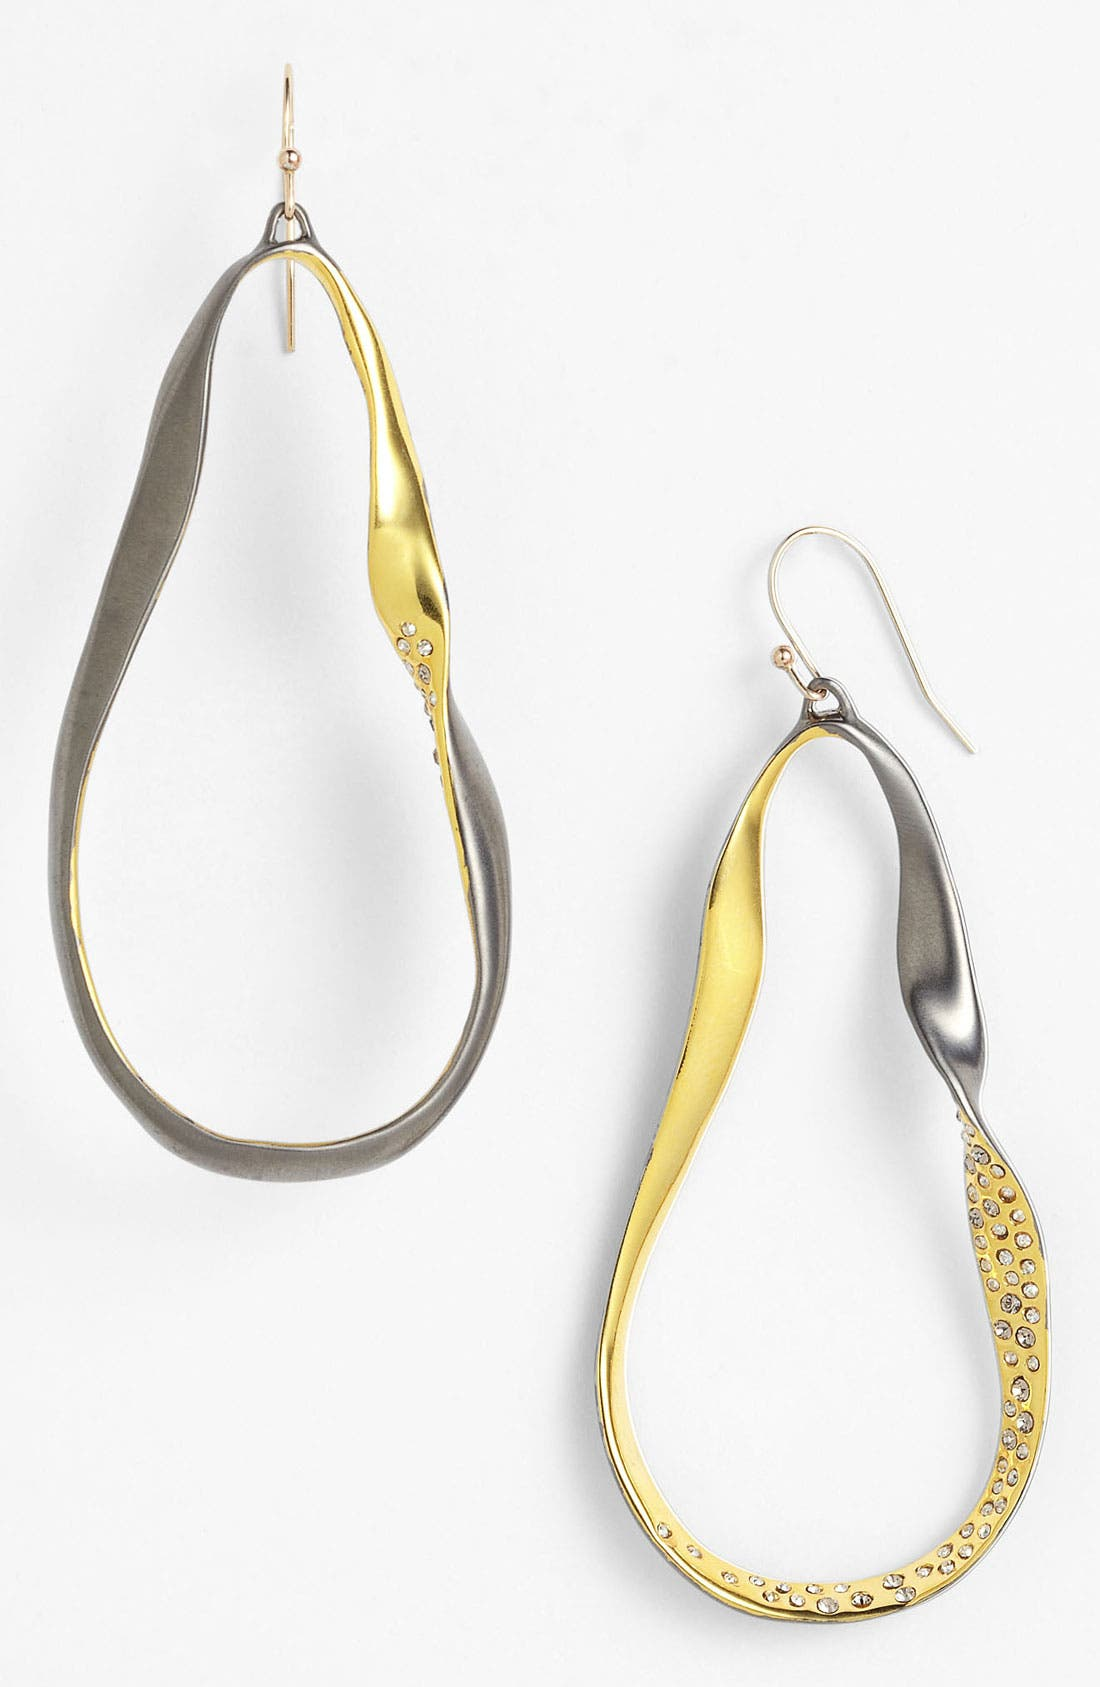 Alternate Image 1 Selected - Alexis Bittar 'Miss Havisham - Bel Air' Twisted Teardrop Earrings